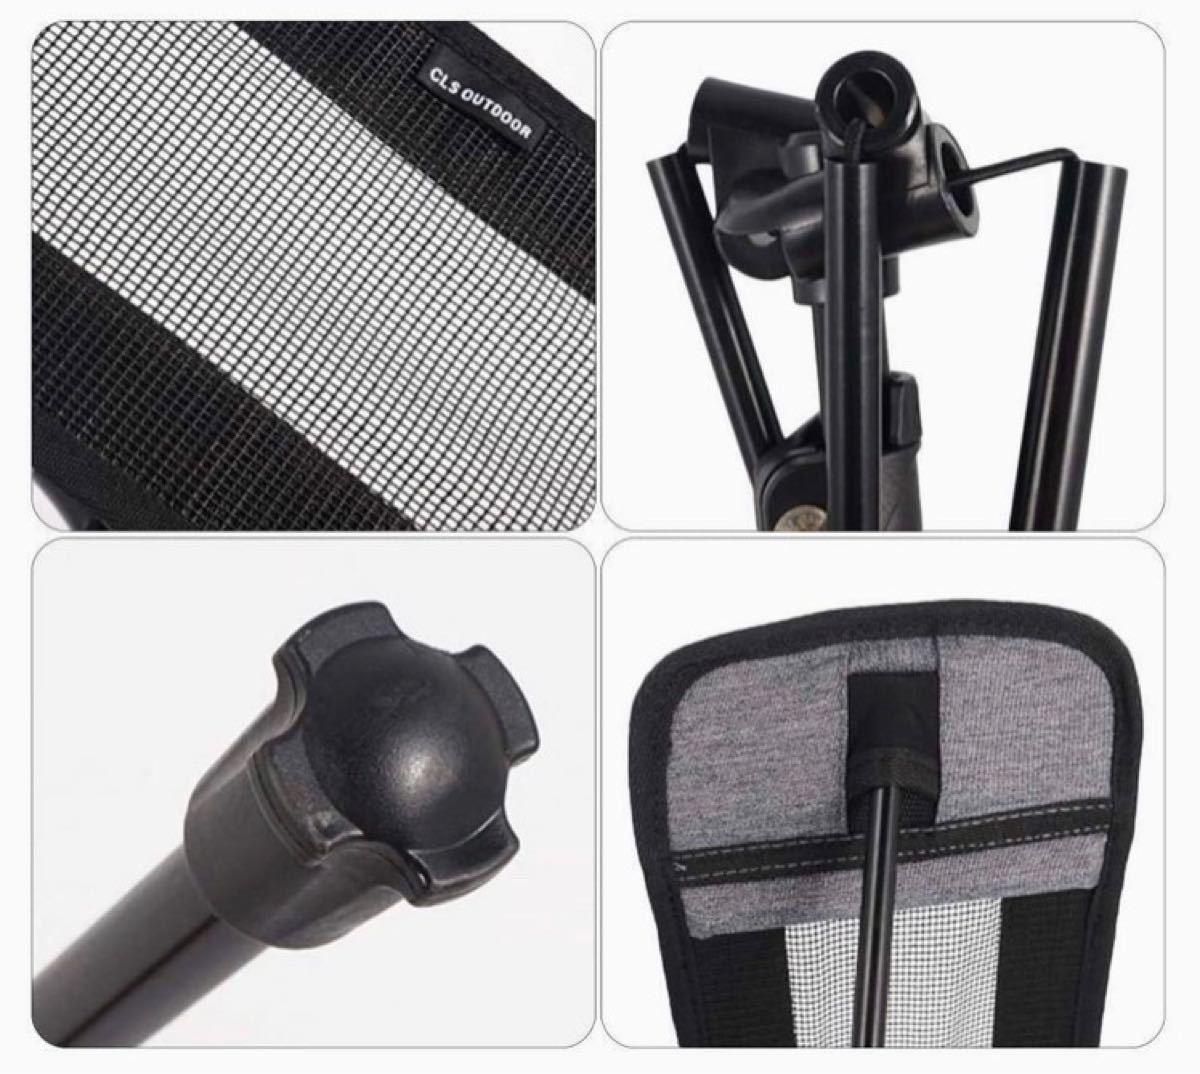 ヘリノックスに装着可能なフットレストオットマンHelinoxアウトドアチェア黒色